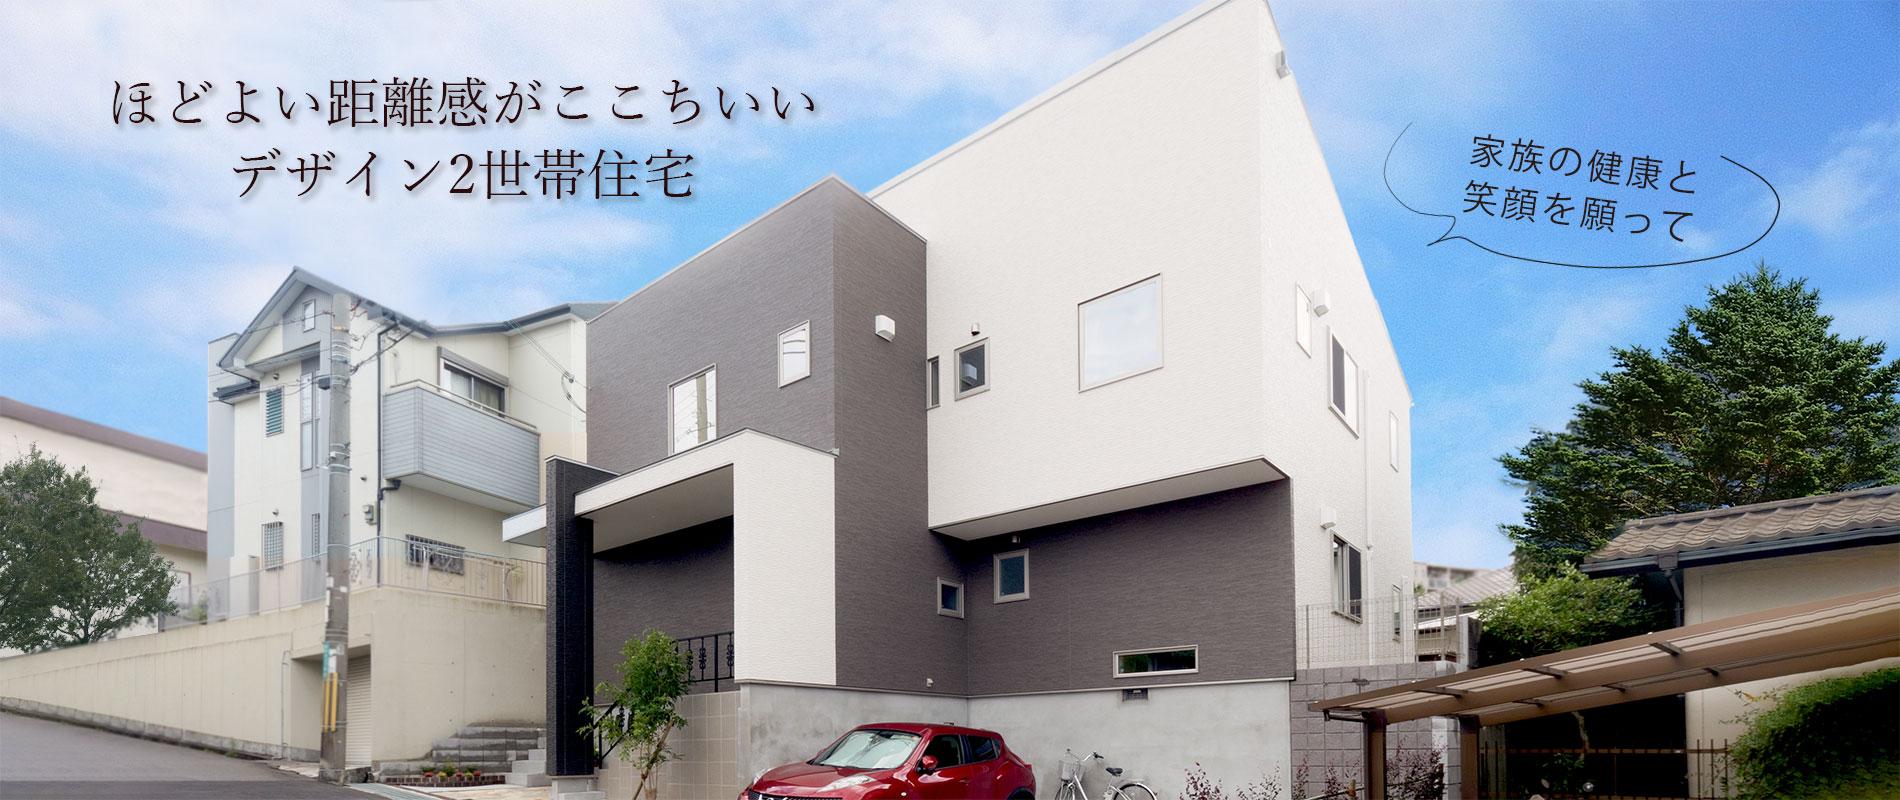 神戸市の白い注文住宅